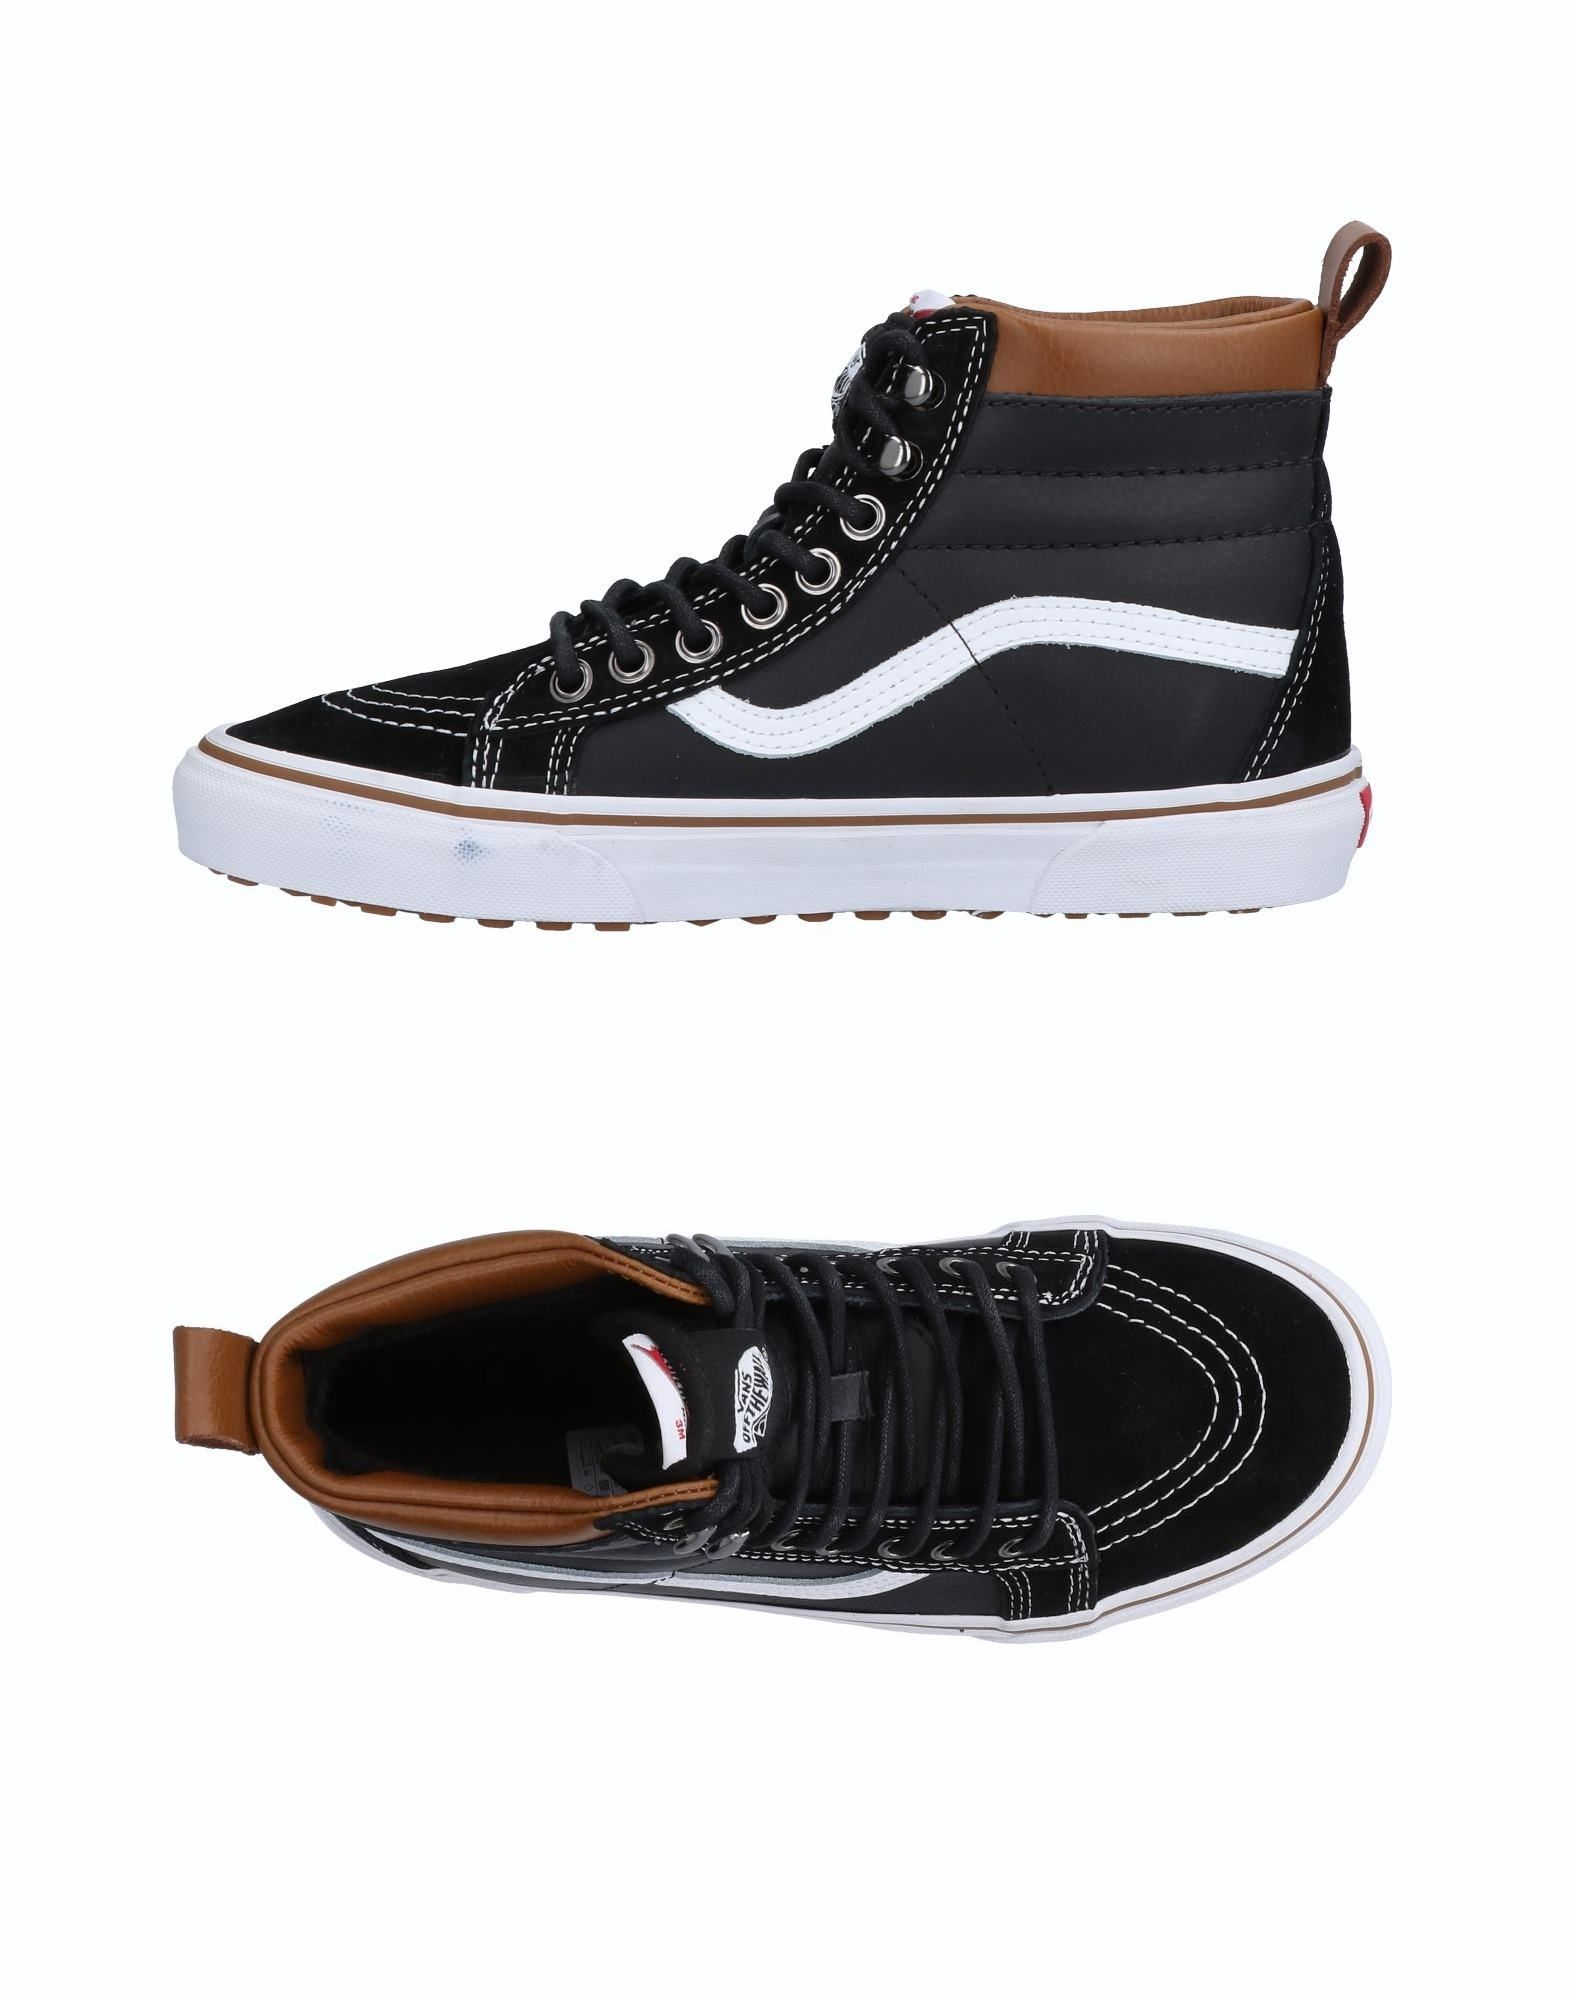 Vans Sneakers Herren Herren Sneakers  11502649BX 0ff806